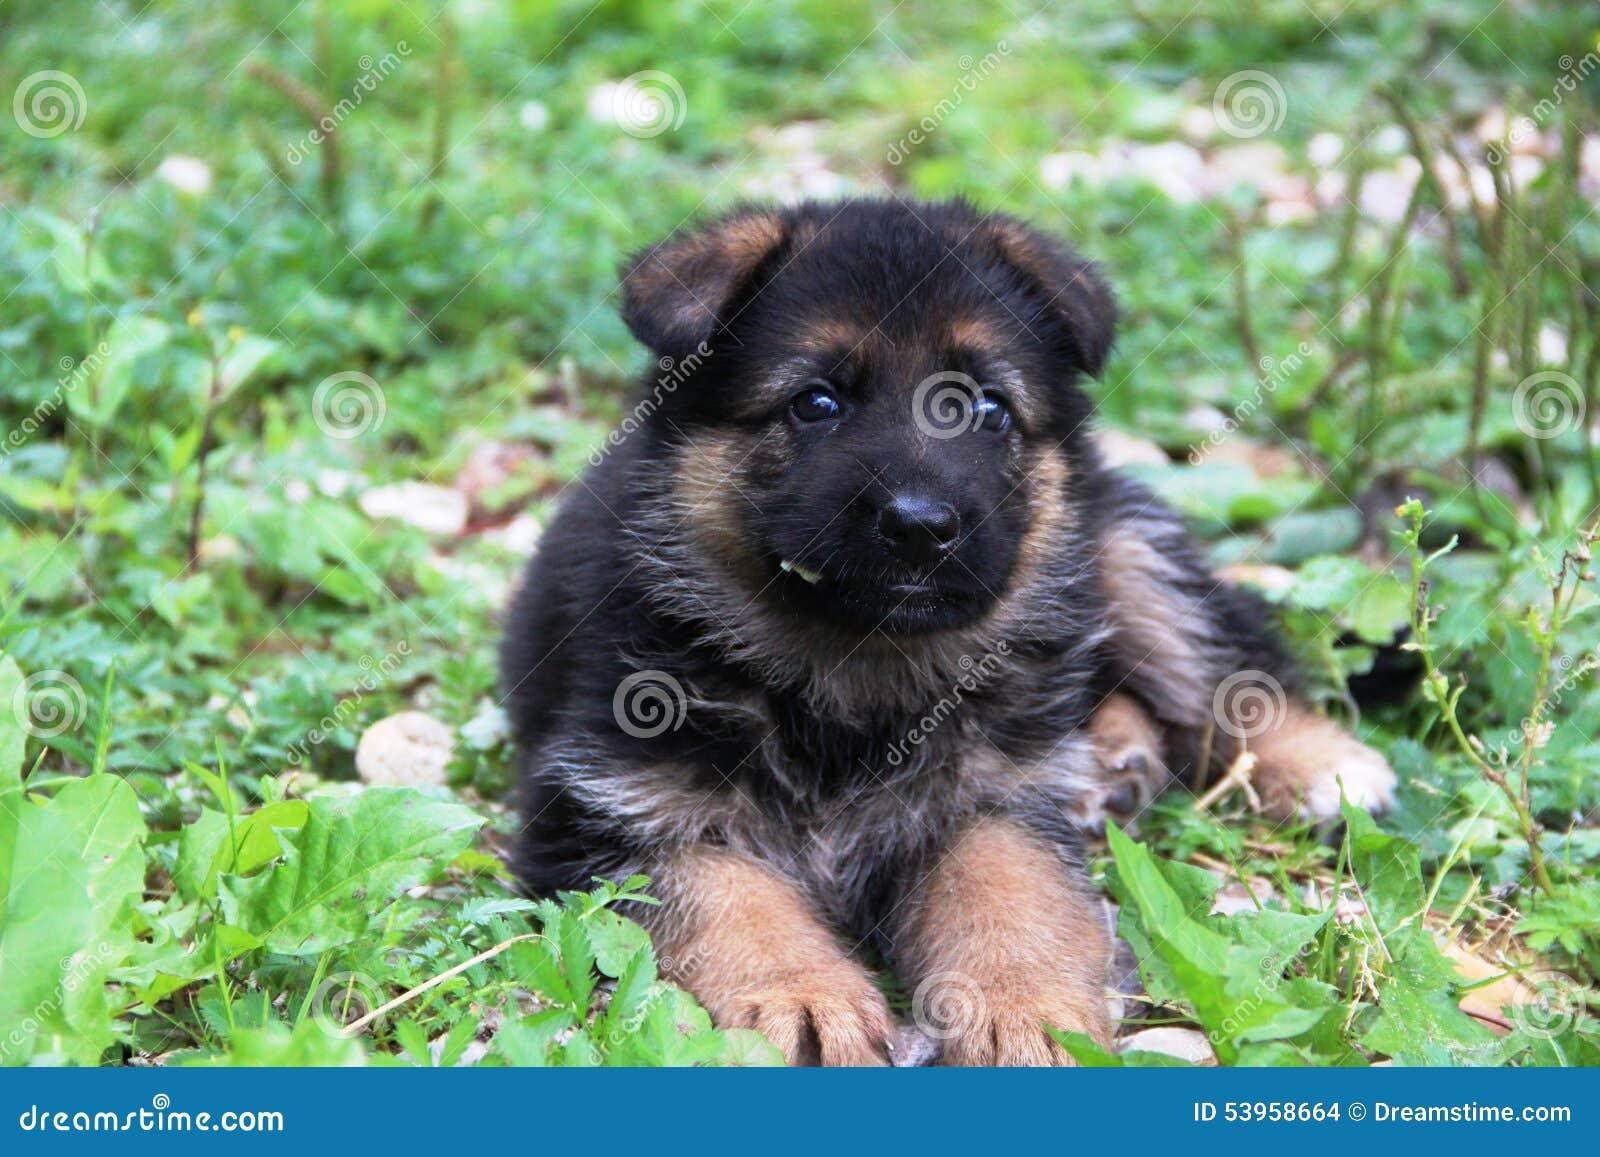 德国牧羊犬小狗